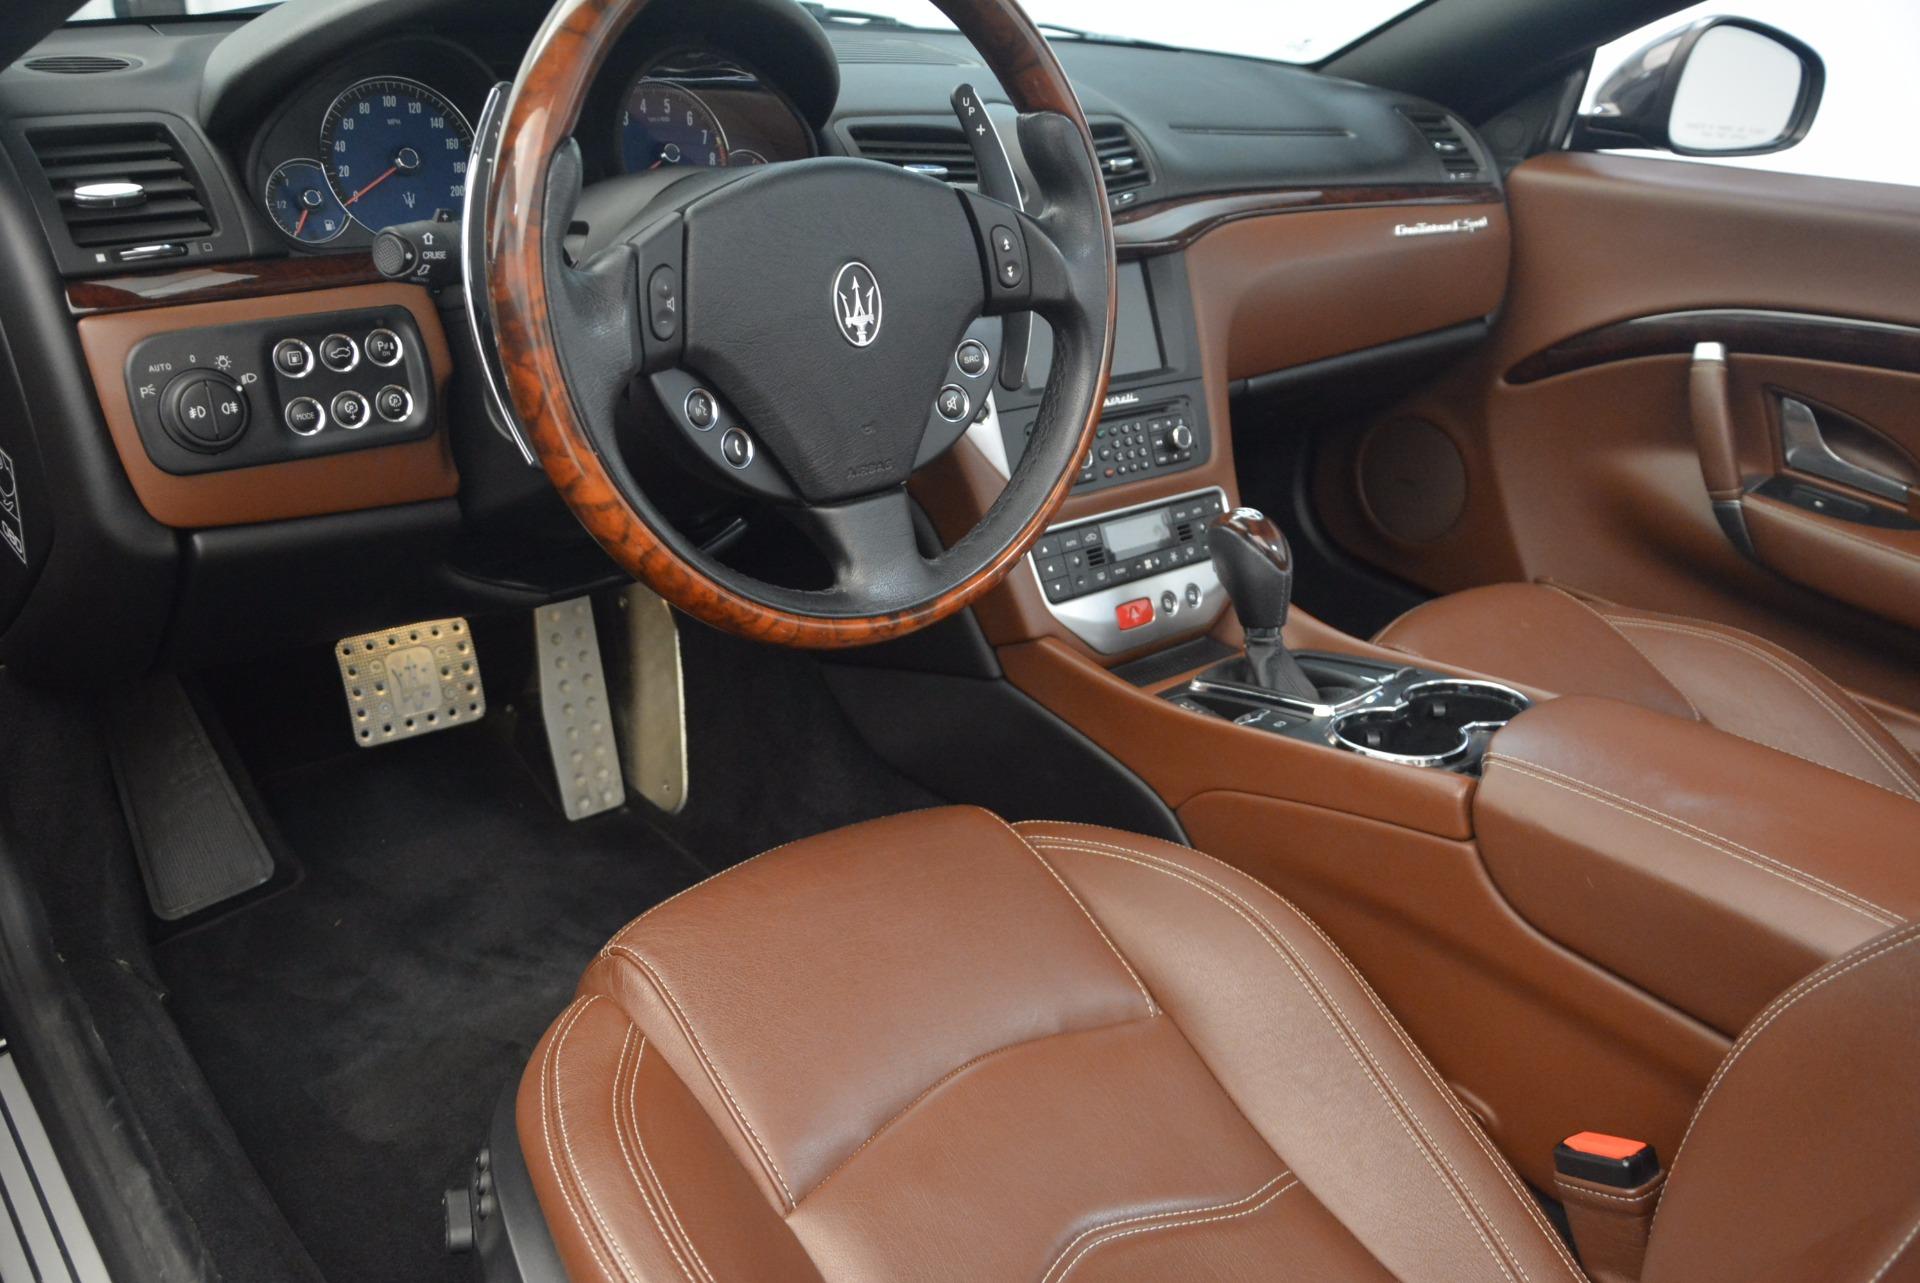 Used 2012 Maserati GranTurismo Sport For Sale In Greenwich, CT 1097_p21